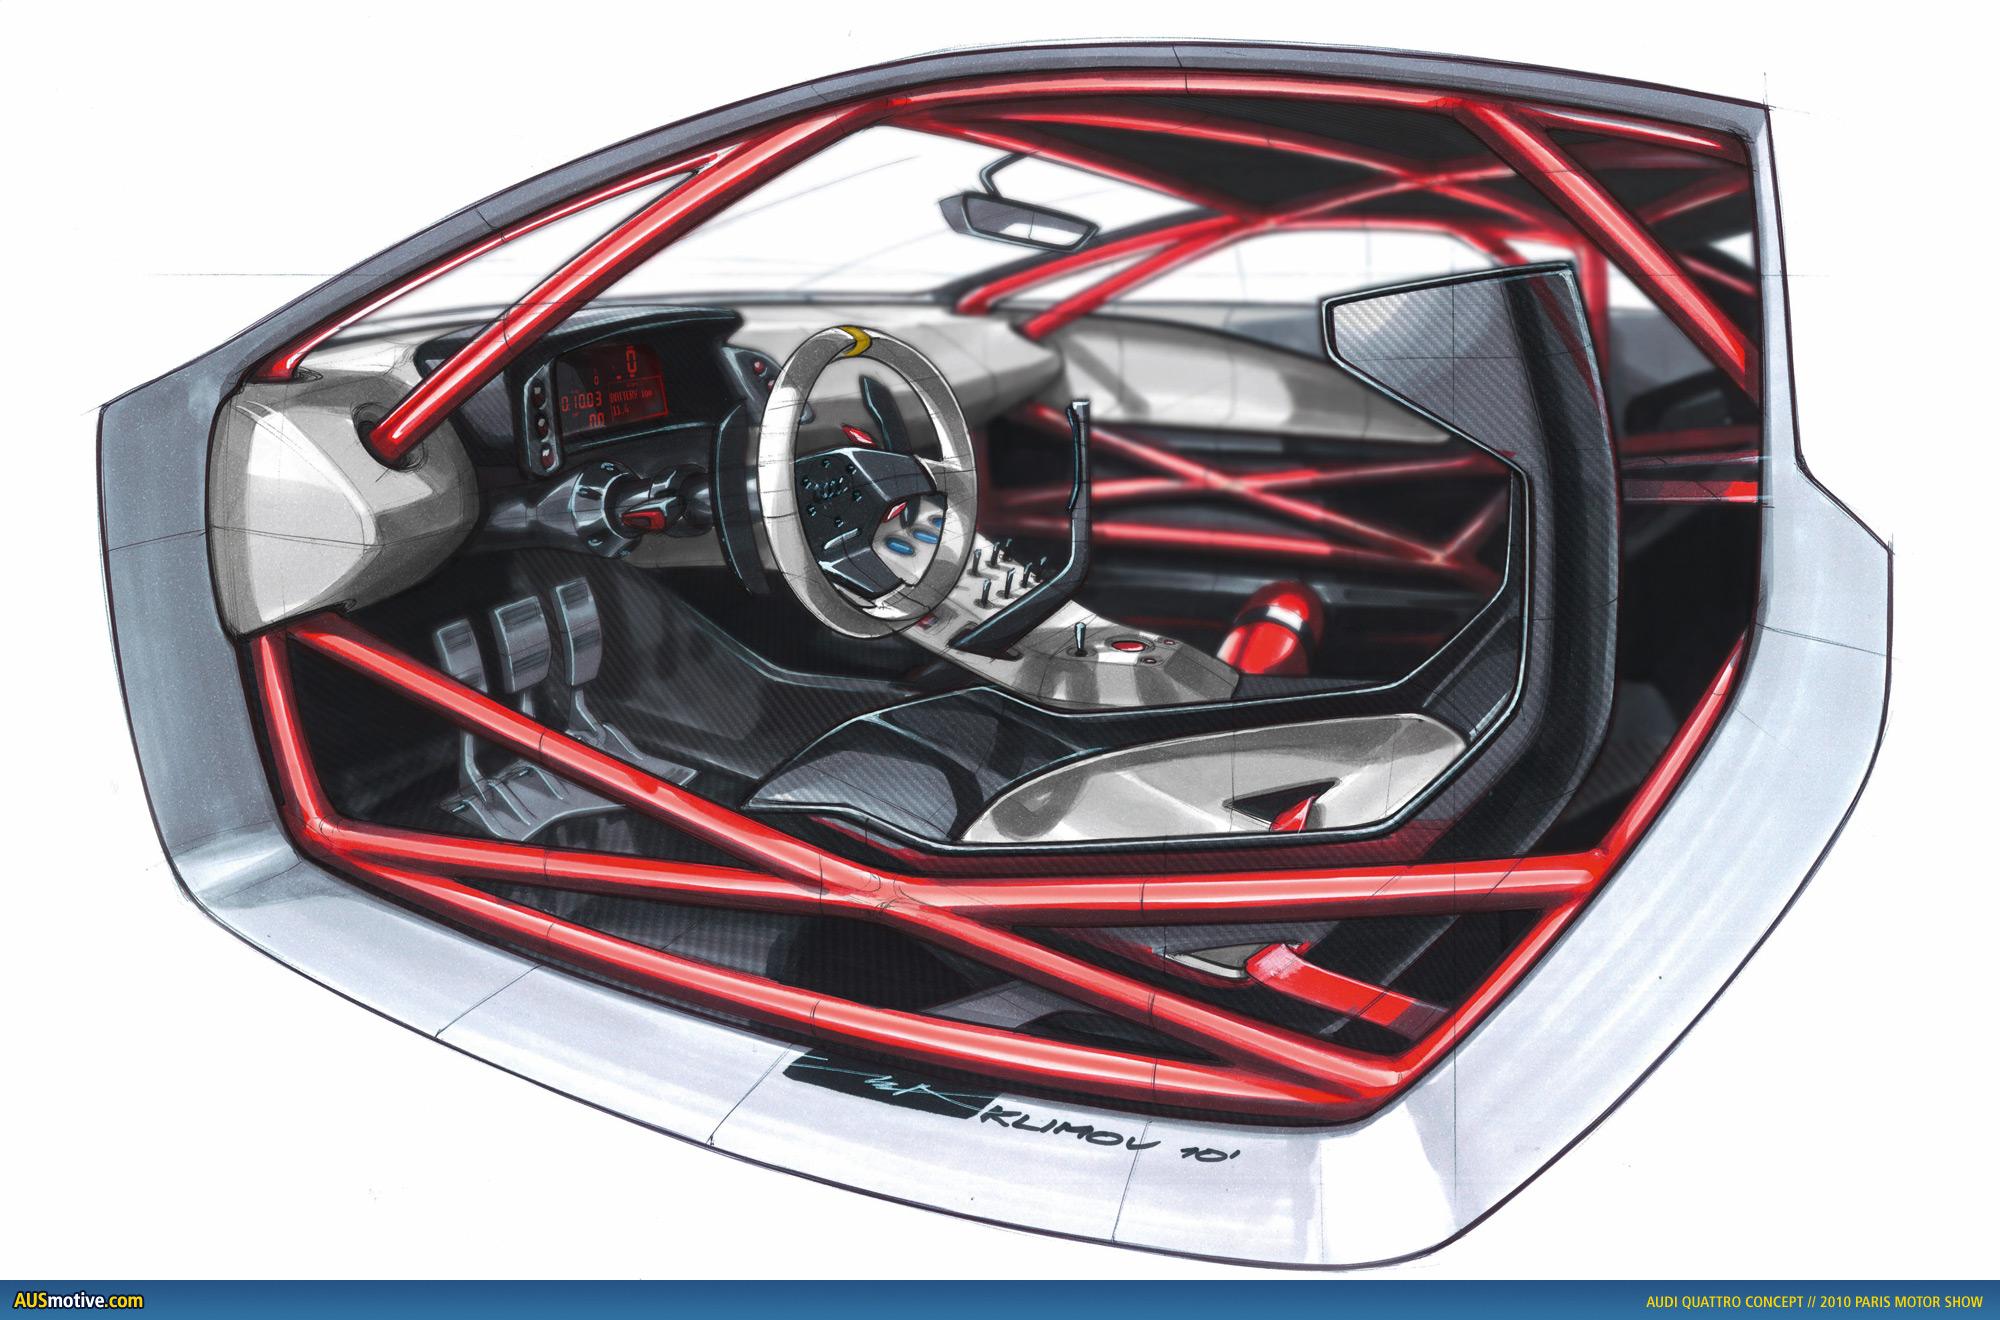 AUSmotive com » Paris 2010: Audi quattro concept